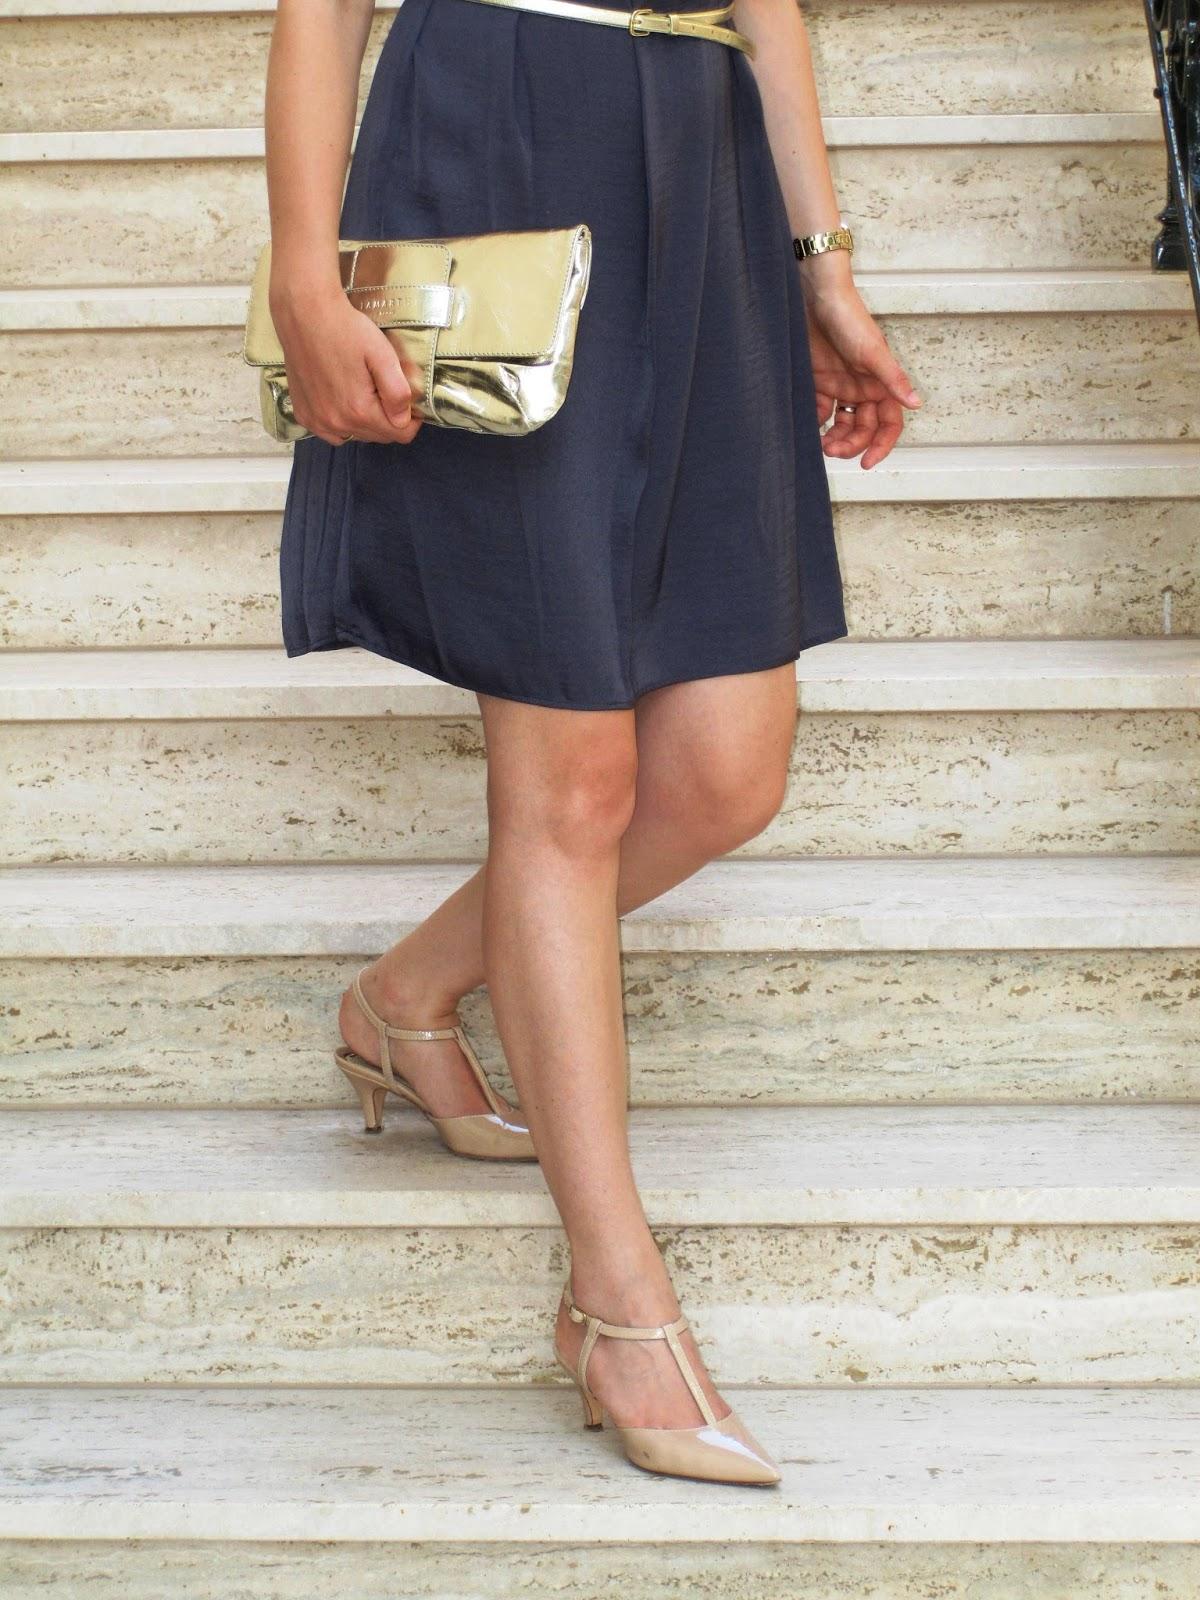 Party dress, metallic bag